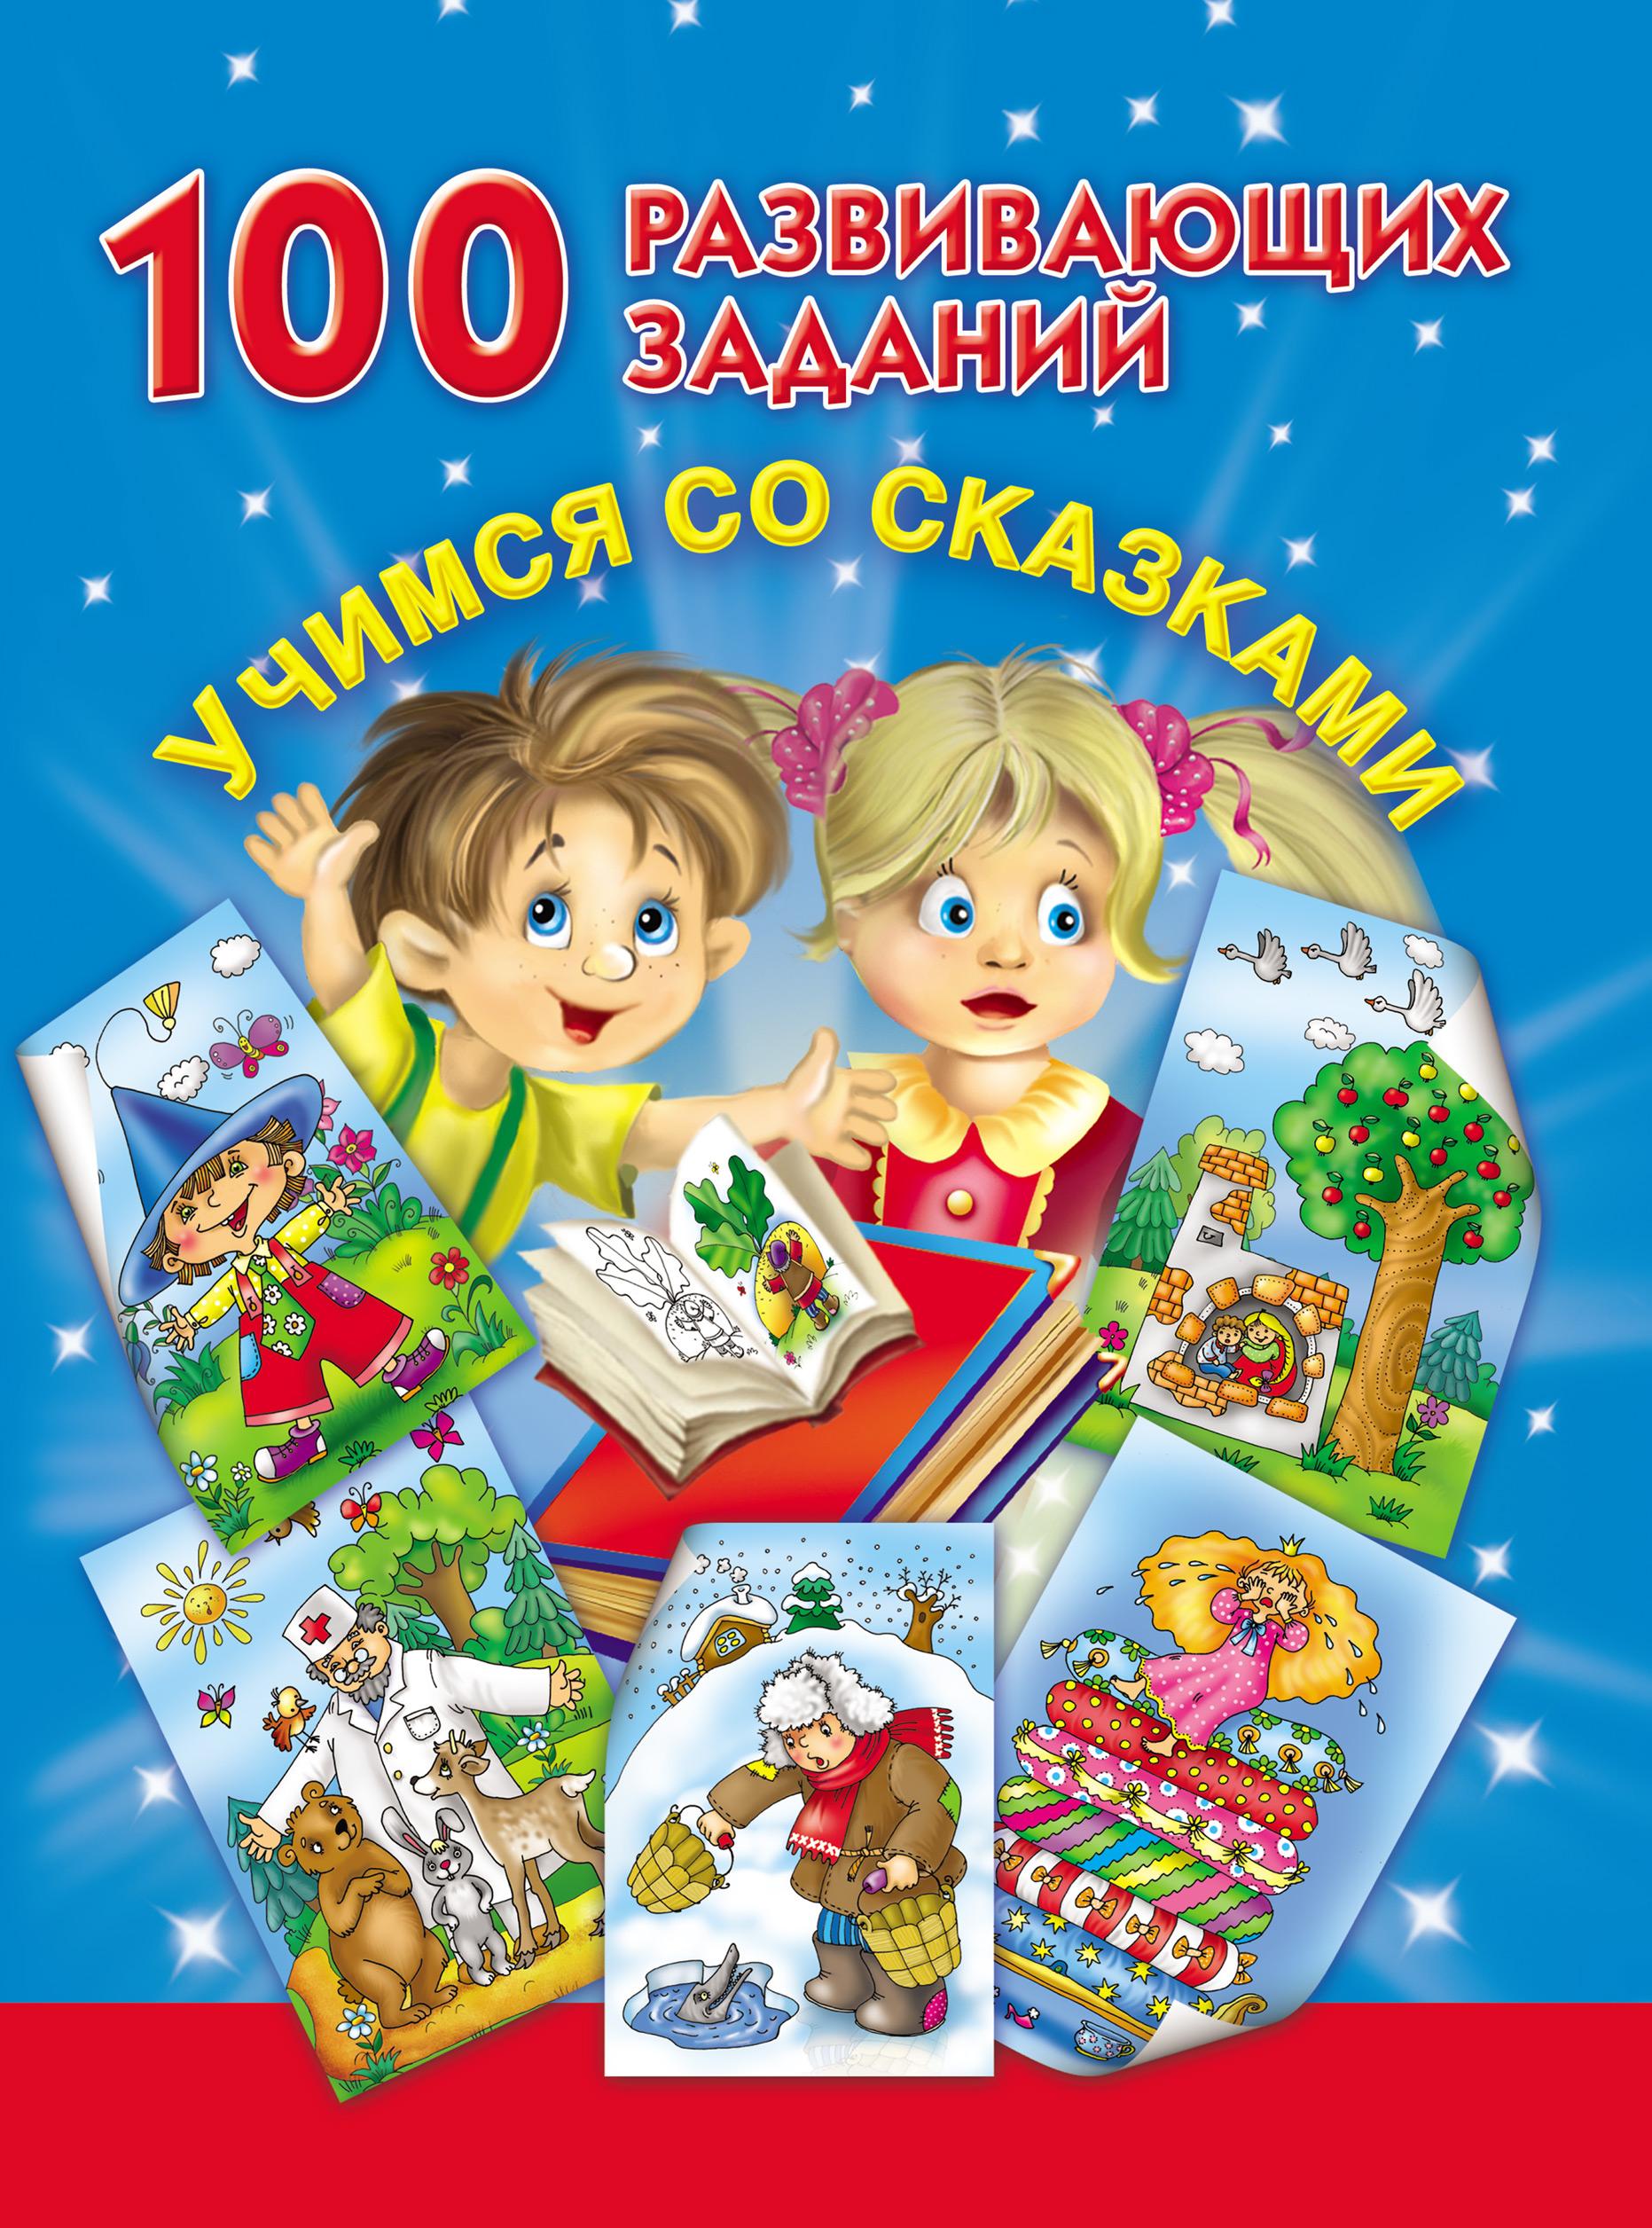 В. Г. Дмитриева 100 развивающих заданий. Учимся со сказками в г дмитриева 100 развивающих заданий учимся со сказками